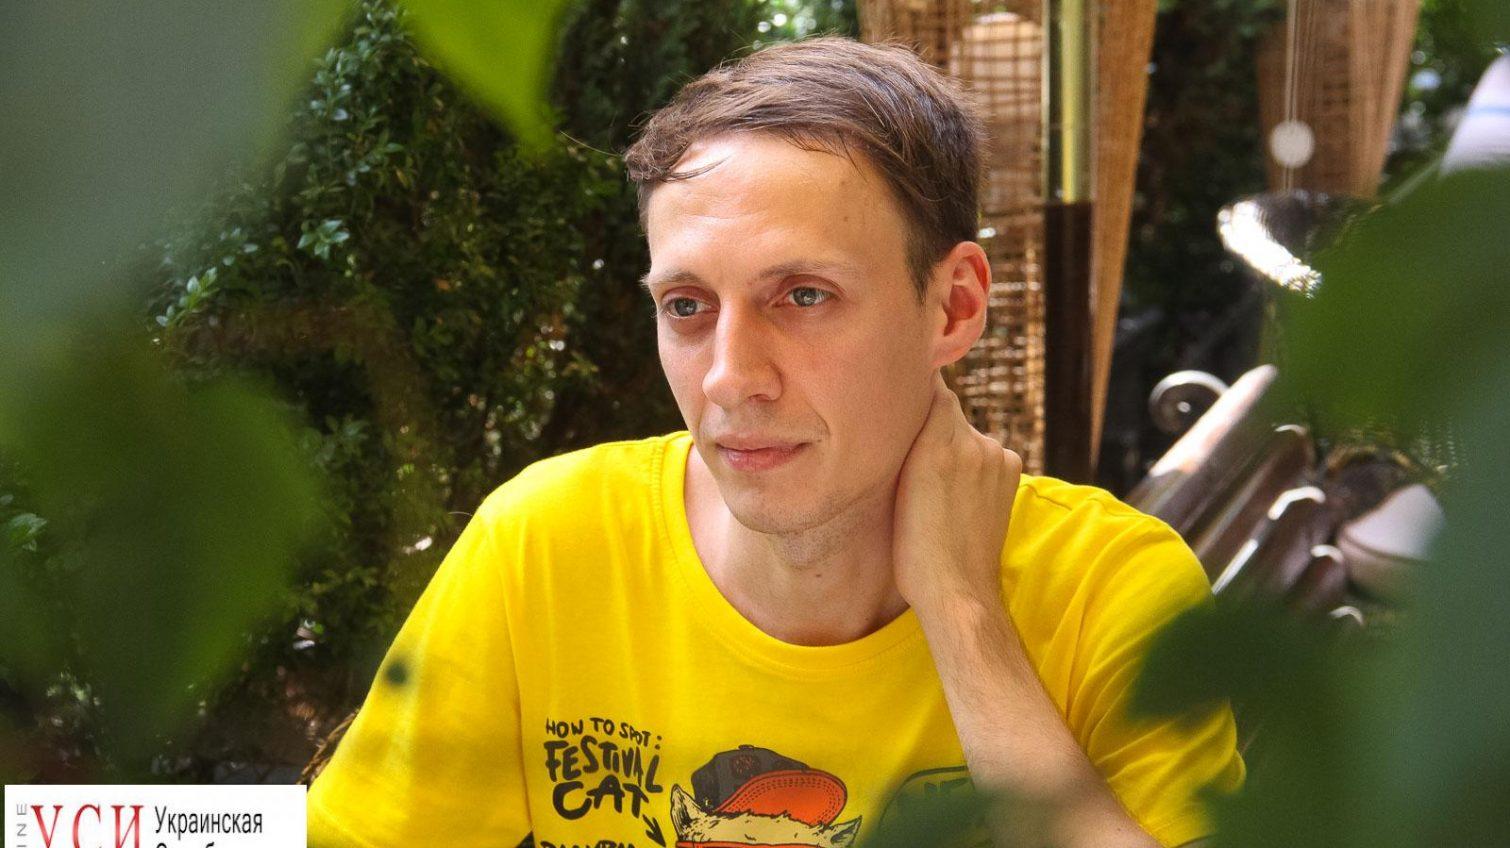 Организатор «Fan Expo» Константин Реус: самое важное в жизни любого человека – это самореализация «фото»